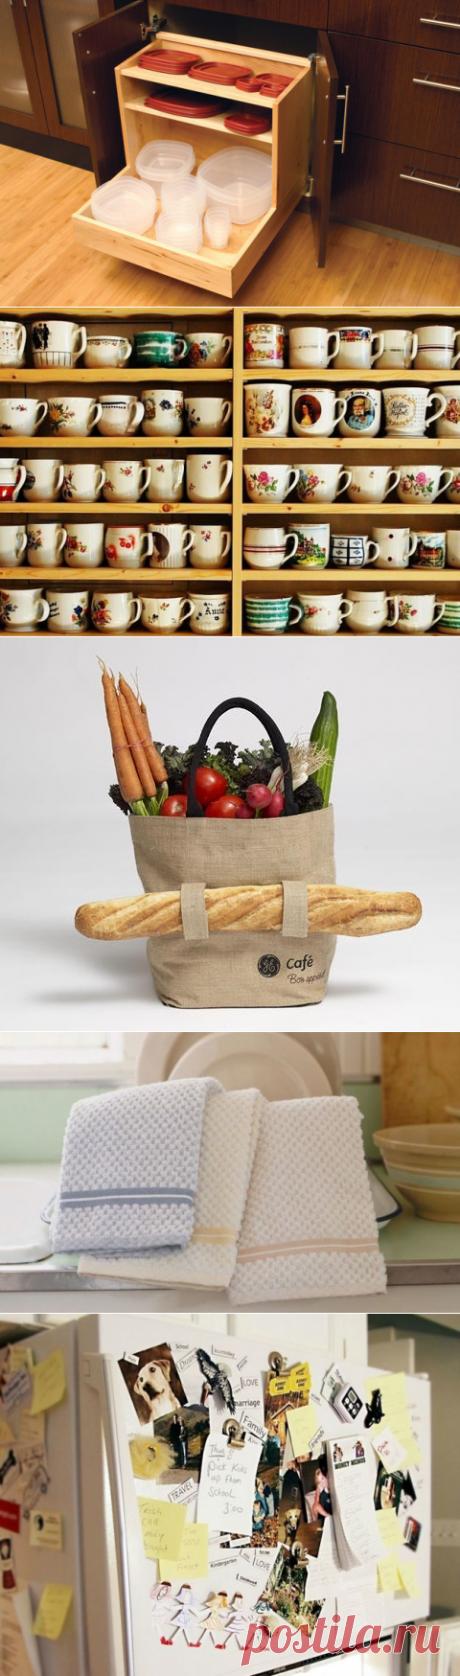 Стоп-лист: 10 вещей на кухне, от которых нужно избавиться | Свежие идеи дизайна интерьеров, декора, архитектуры на InMyRoom.ru